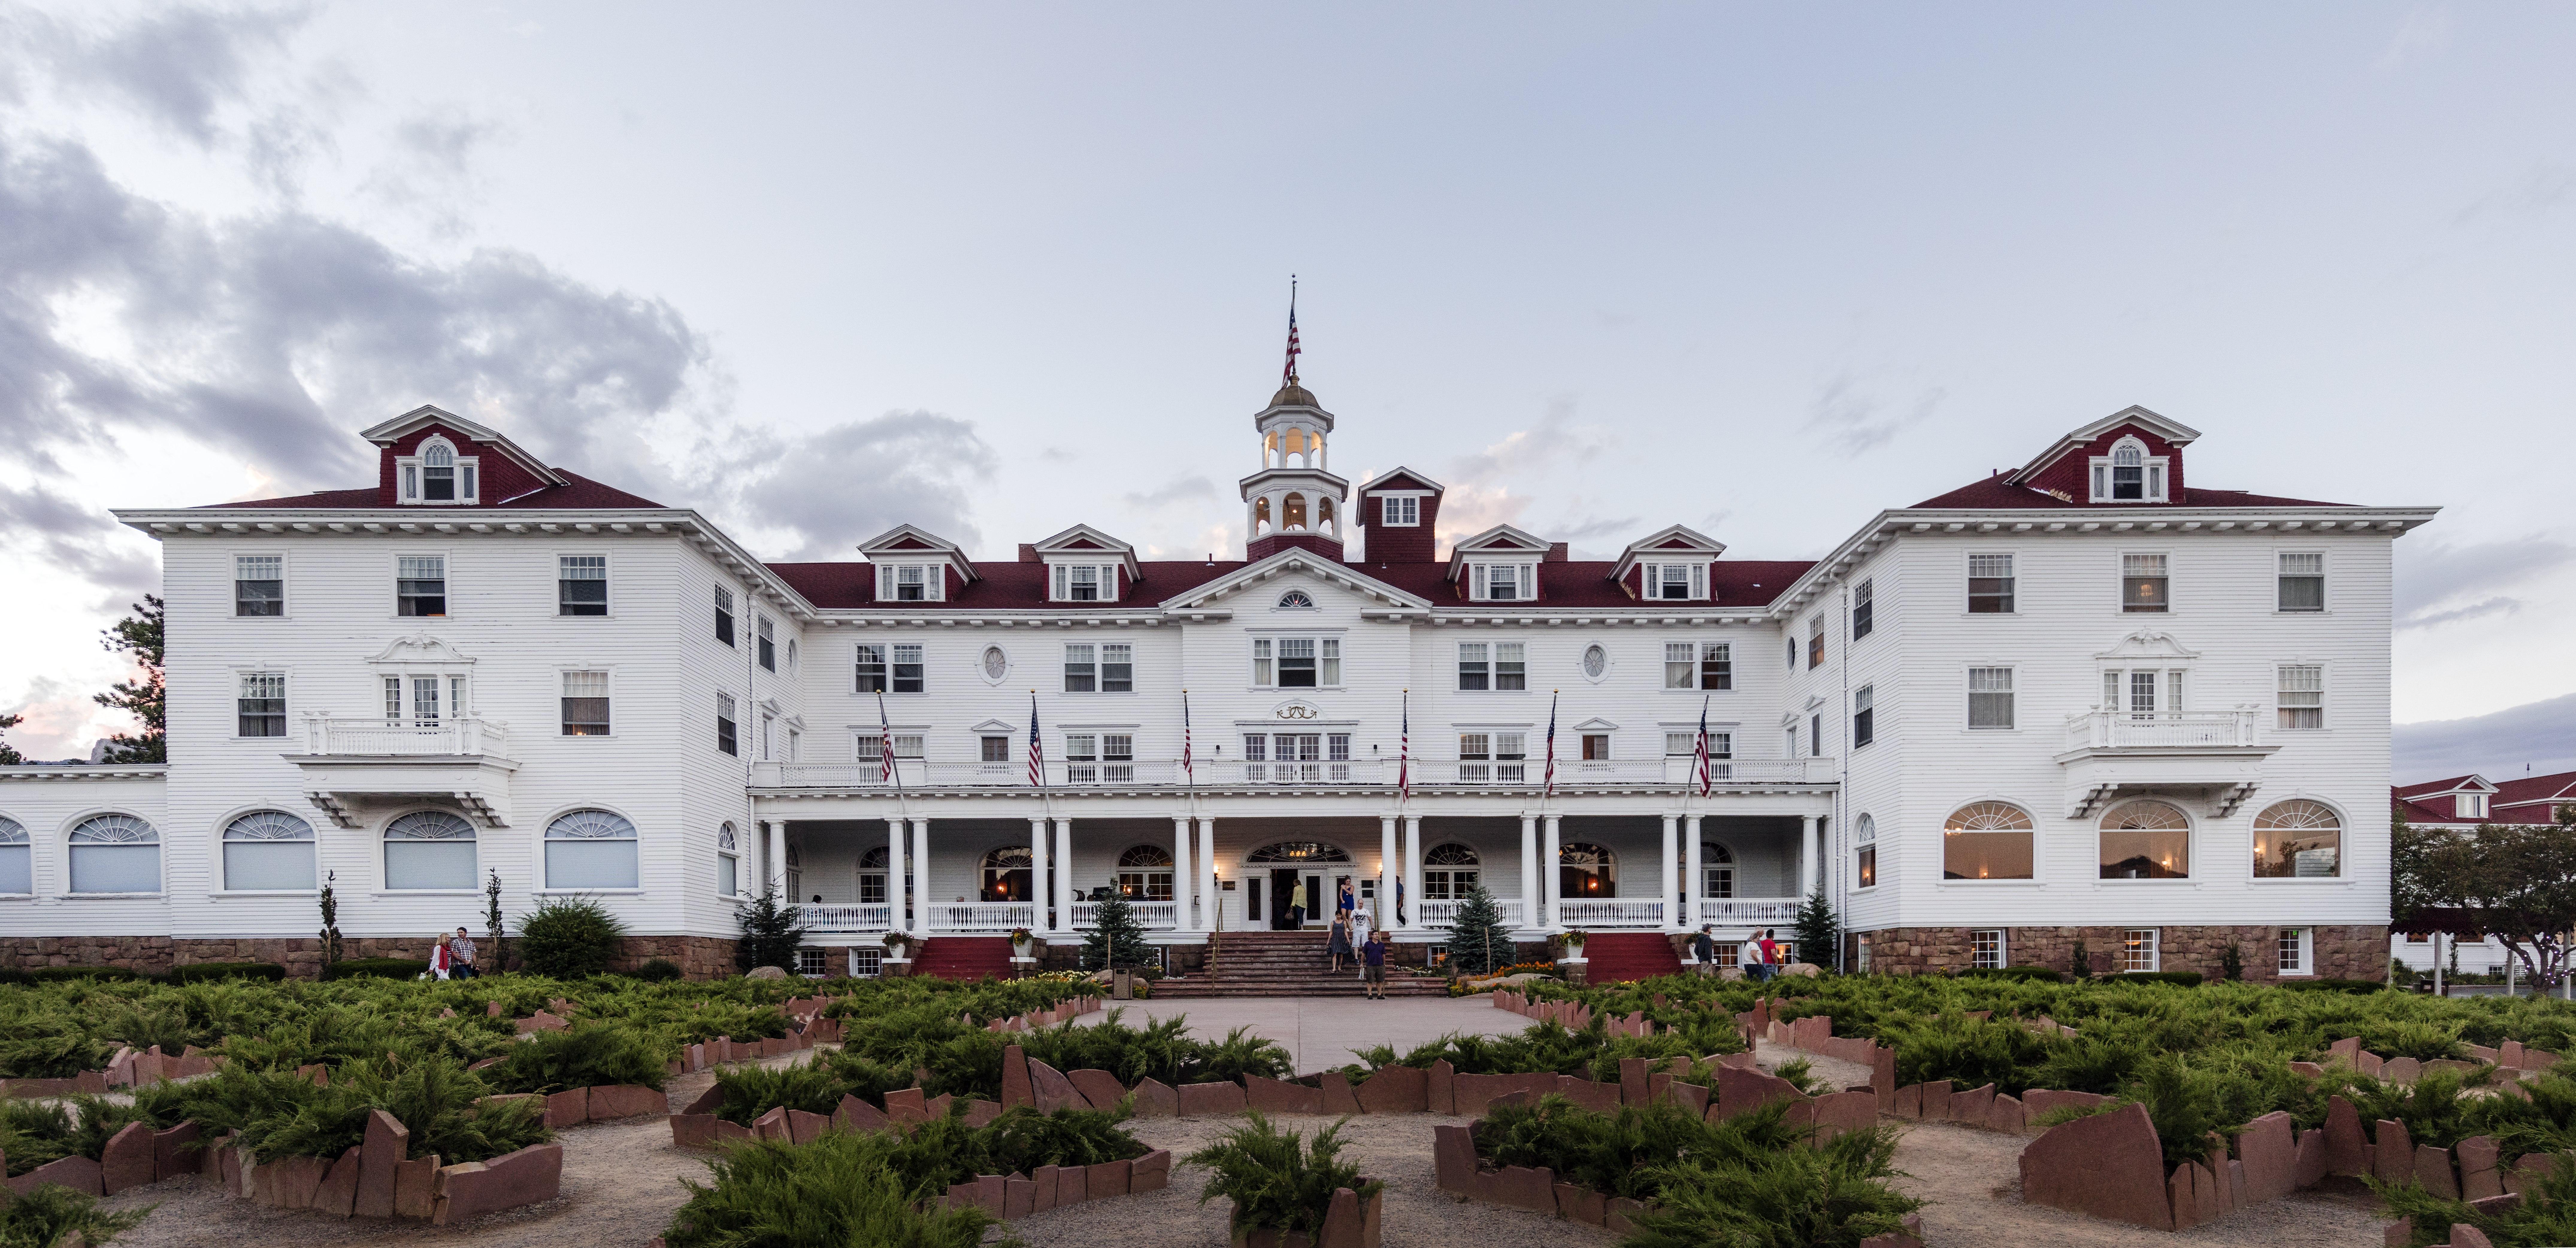 Stanley Hotel Colorado Reviews